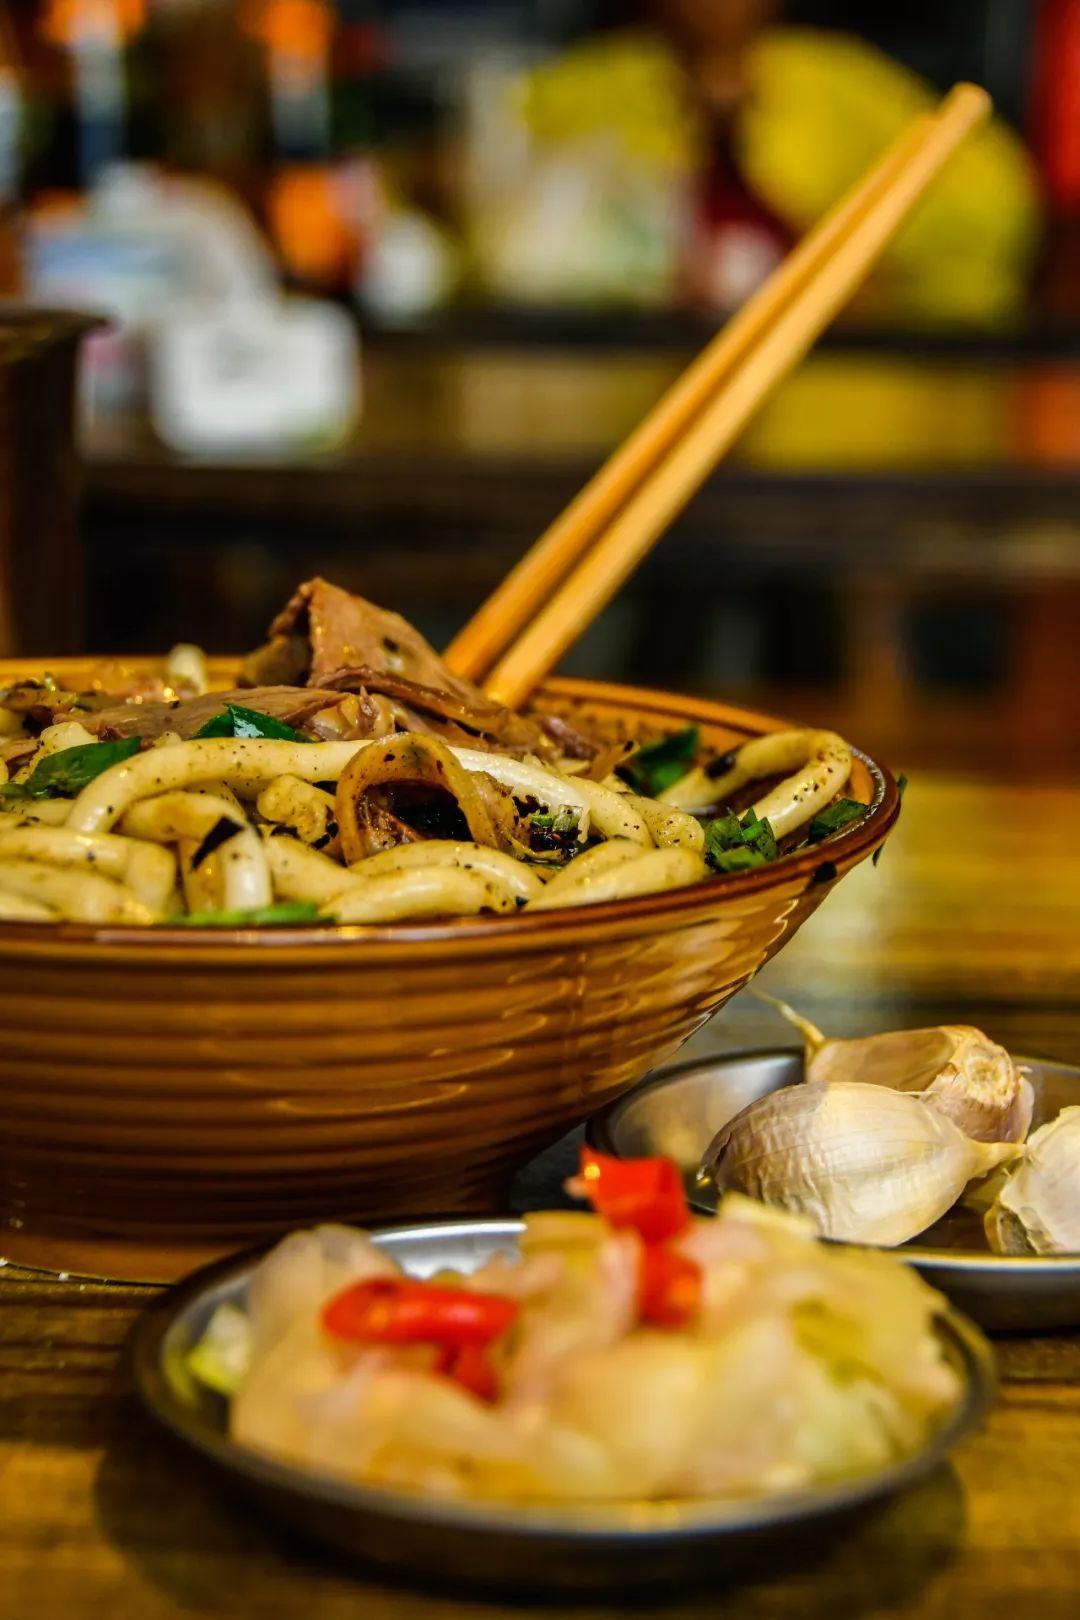 一碗羊肉粉,温暖过秋冬:遵义106老牌羊肉粉,传承20年的味道!